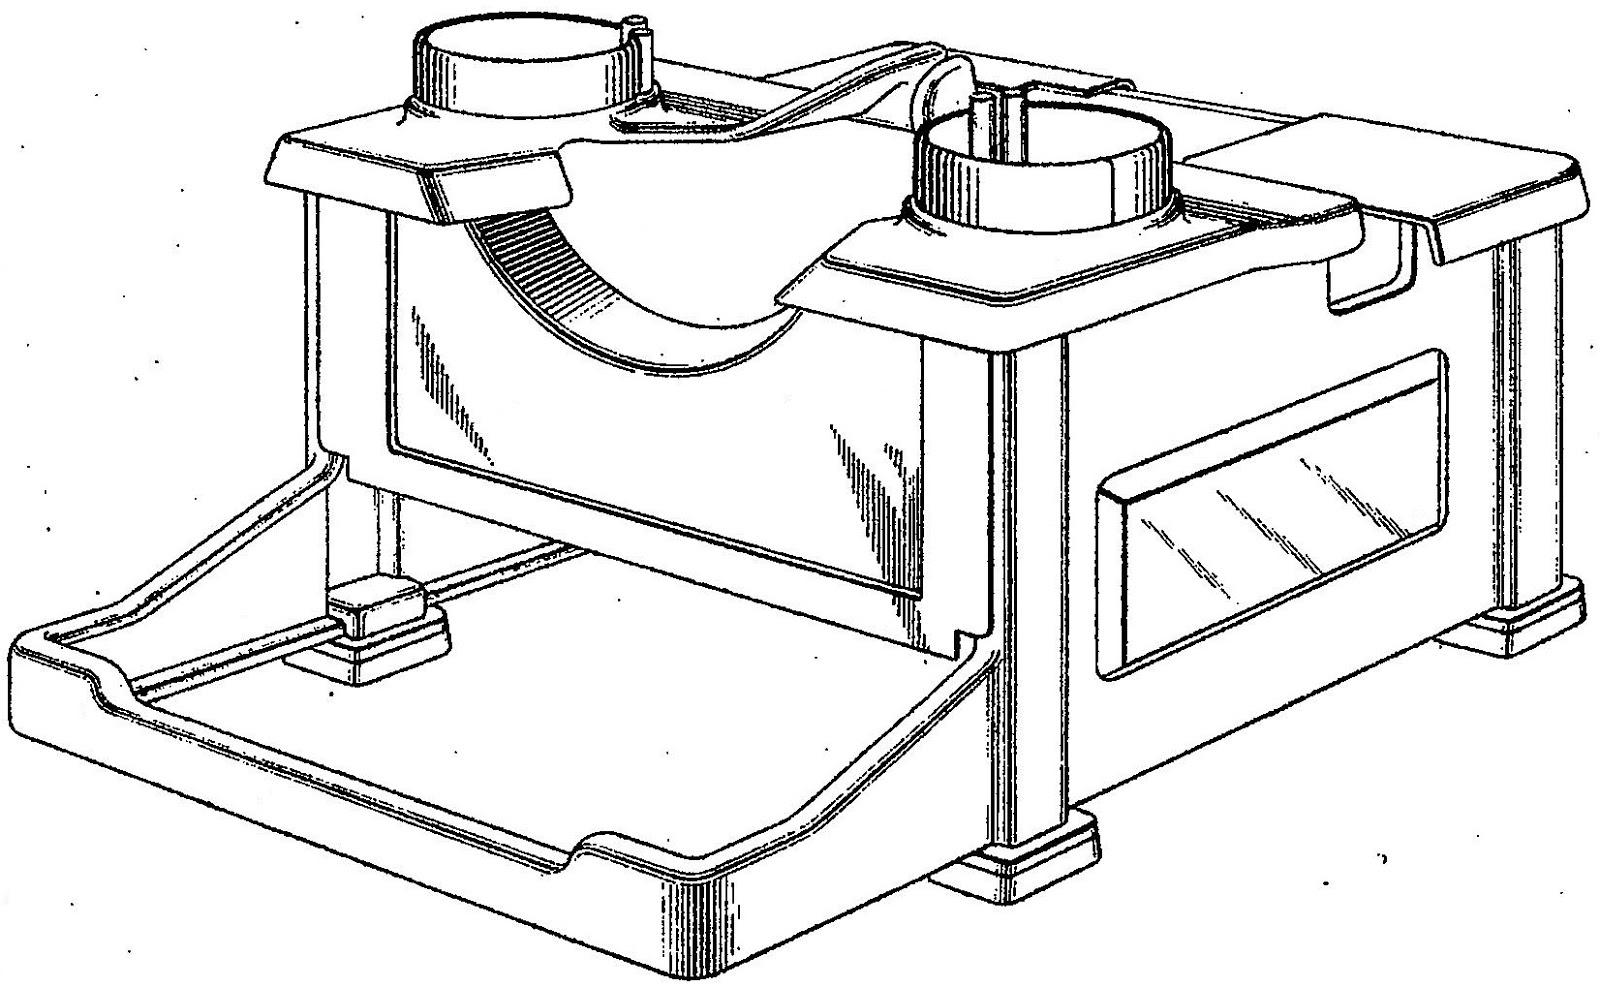 oz.Typewriter: On This Day in Typewriter History: Designs